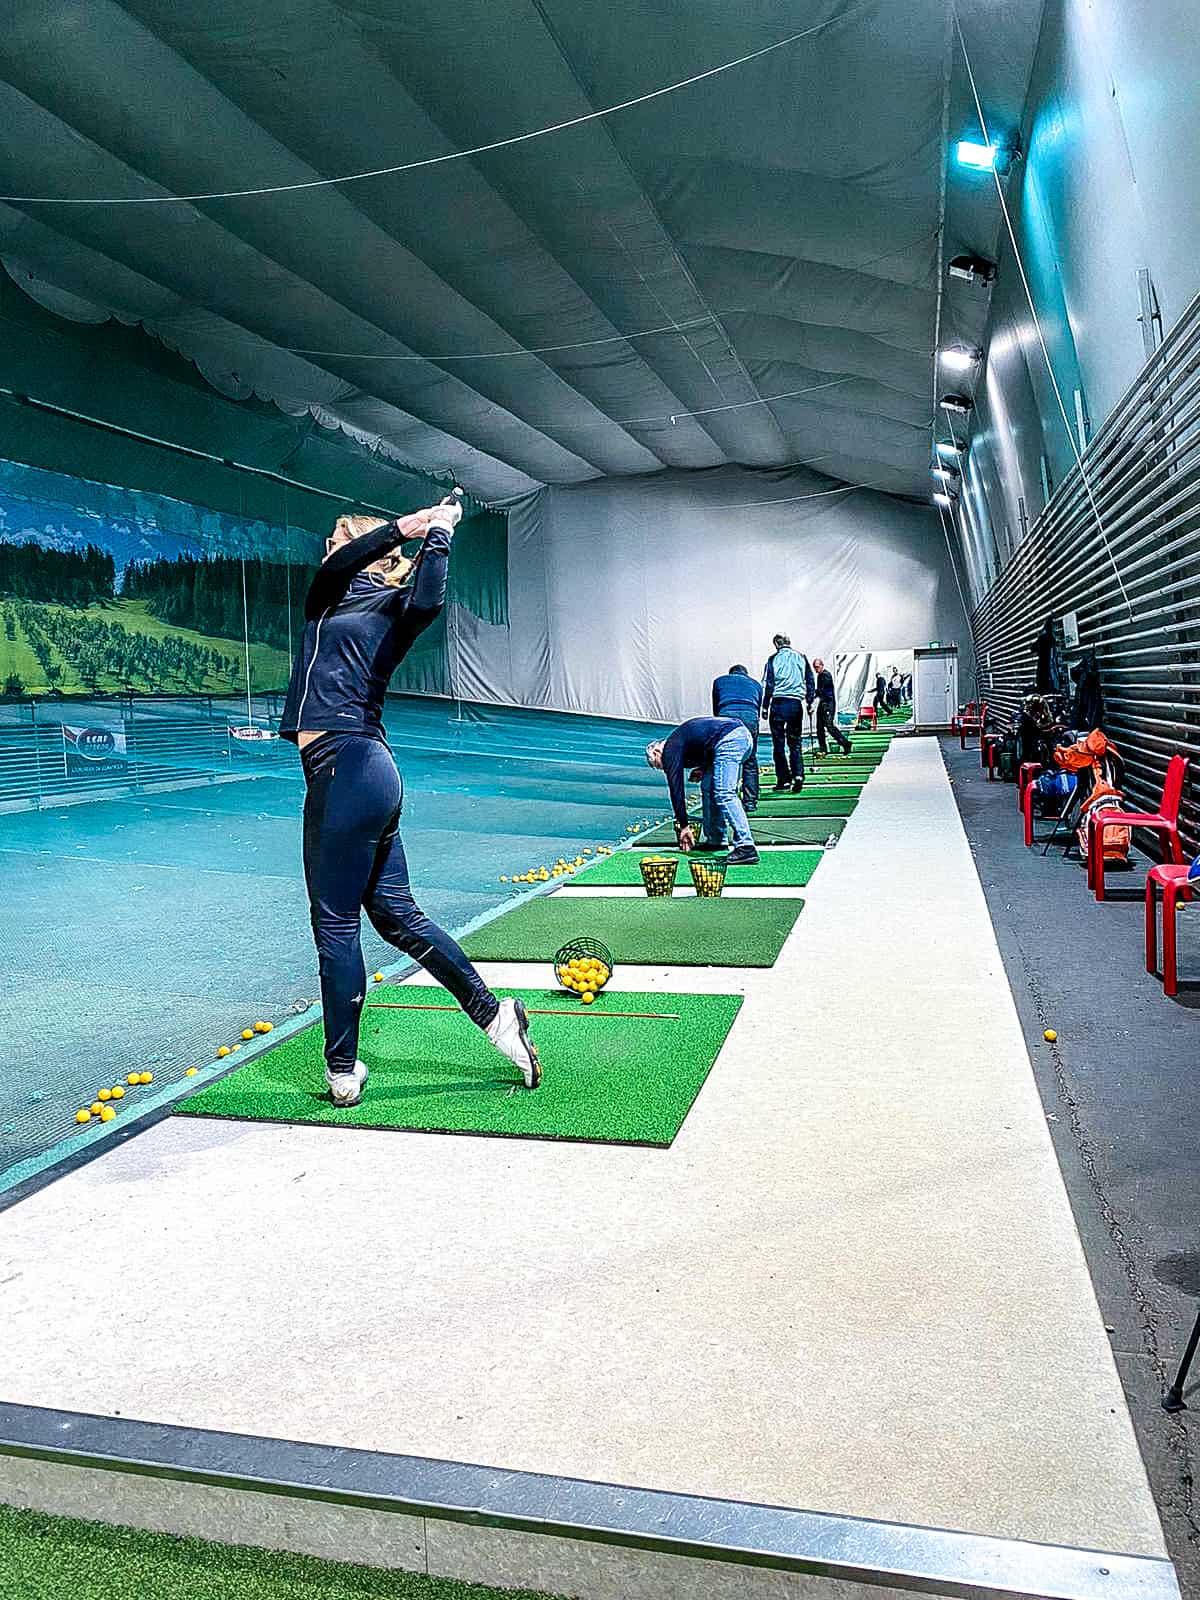 Golf sisäharjoitteluhalli